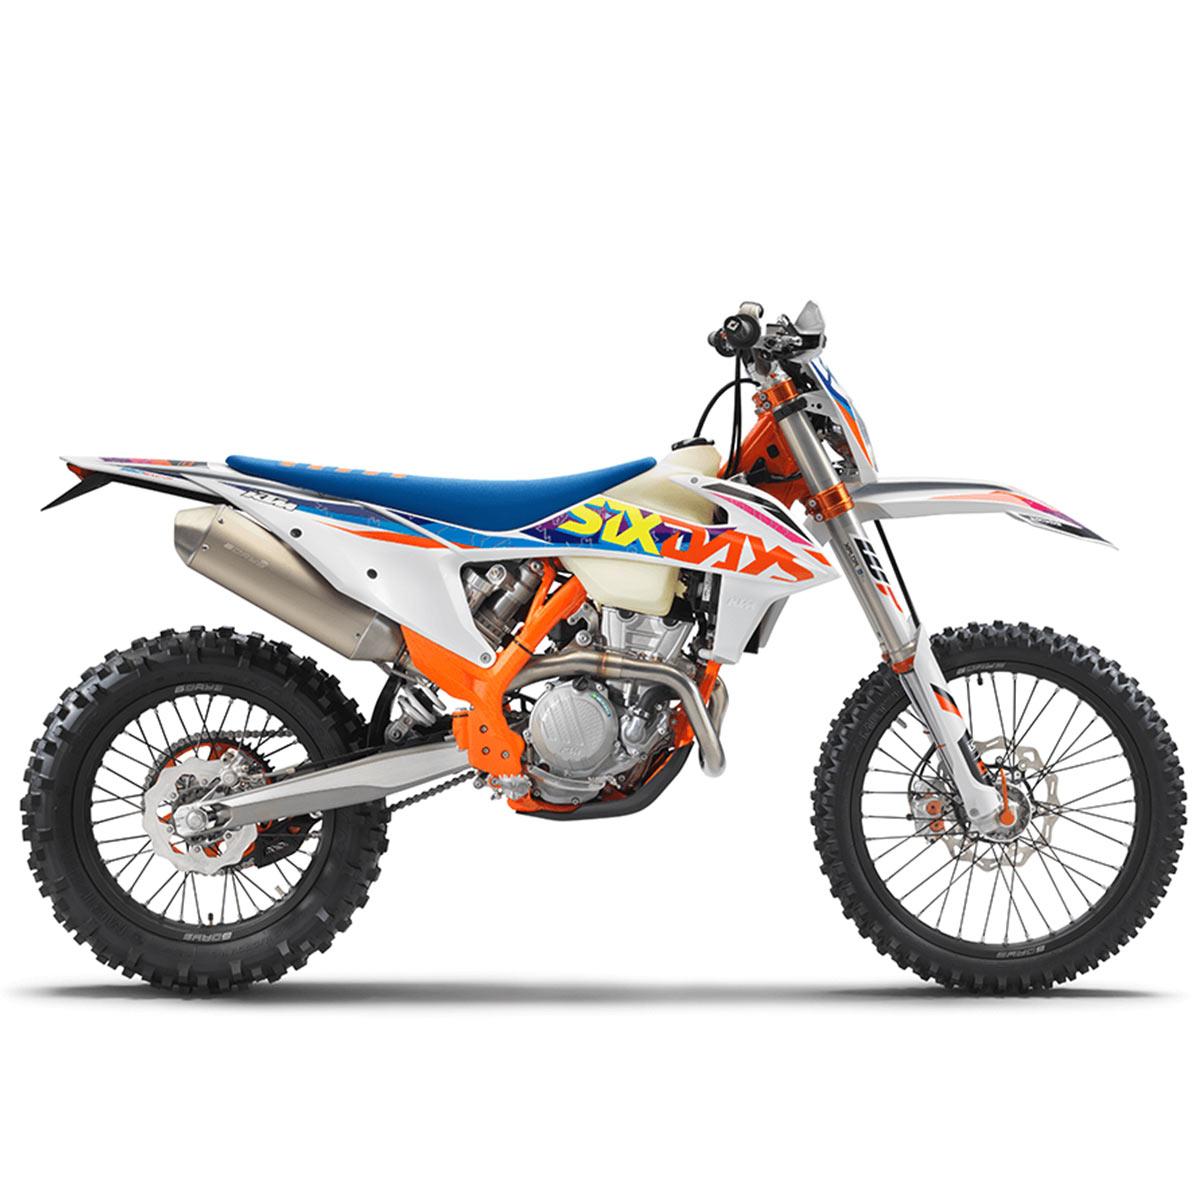 KTM-350-EXC-F-SIX-DAYS